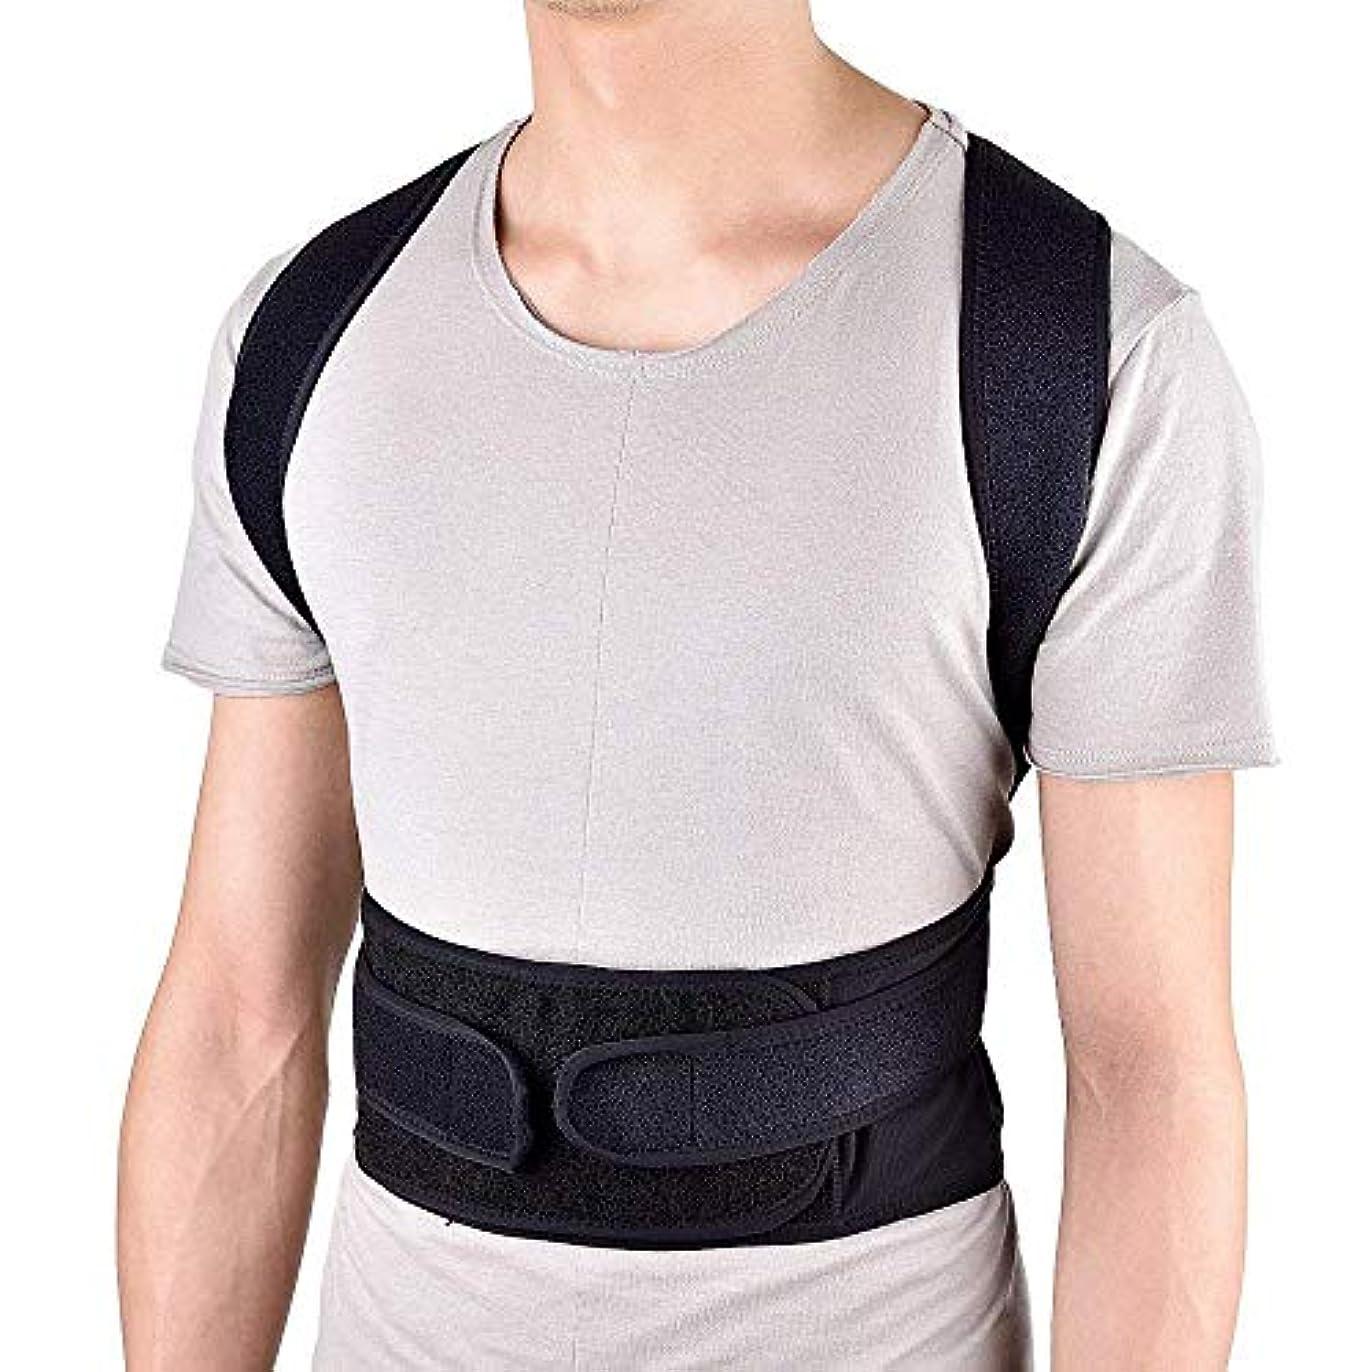 背中姿勢補正装置 - 快適で調整可能なザトウクジ補正ベルト - 姿勢を改善し背中の痛みを和らげるために男性と女性に適して,L